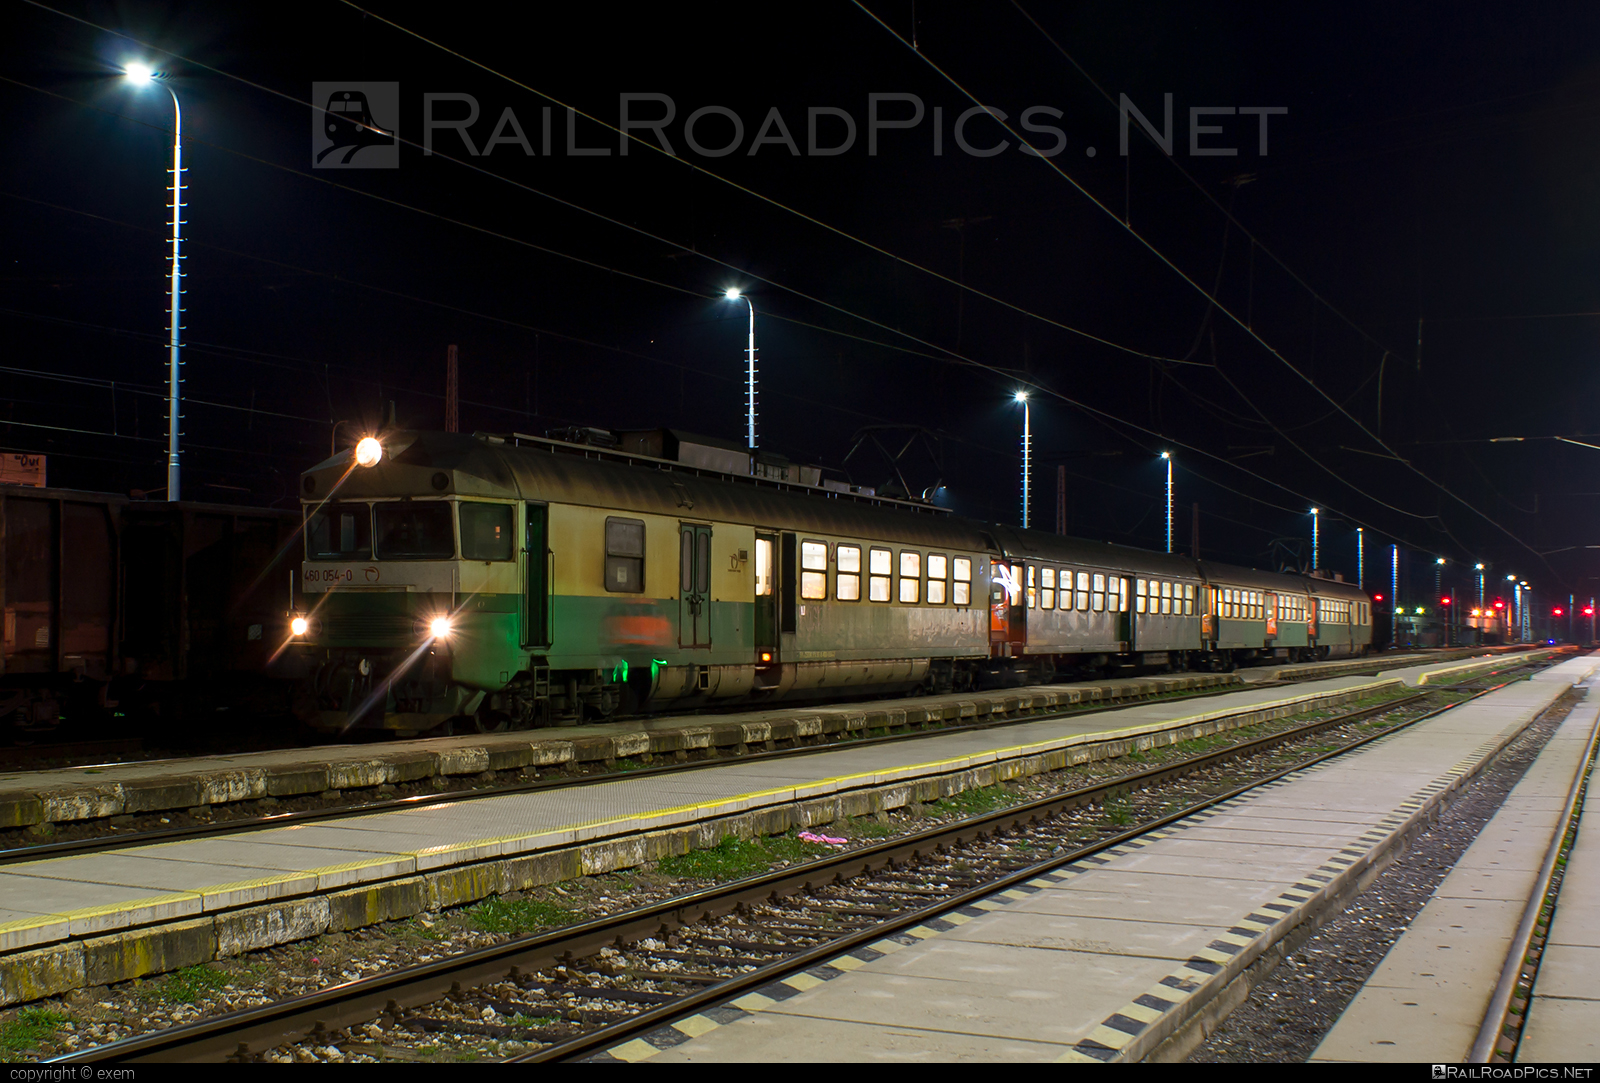 Vagónka TATRA Studénka EMV 3 - 460 054-0 operated by Železničná Spoločnost' Slovensko, a.s. #ZeleznicnaSpolocnostSlovensko #pantak #pantograf #vagonkastudenka #vagonkatatrastudenka #zssk